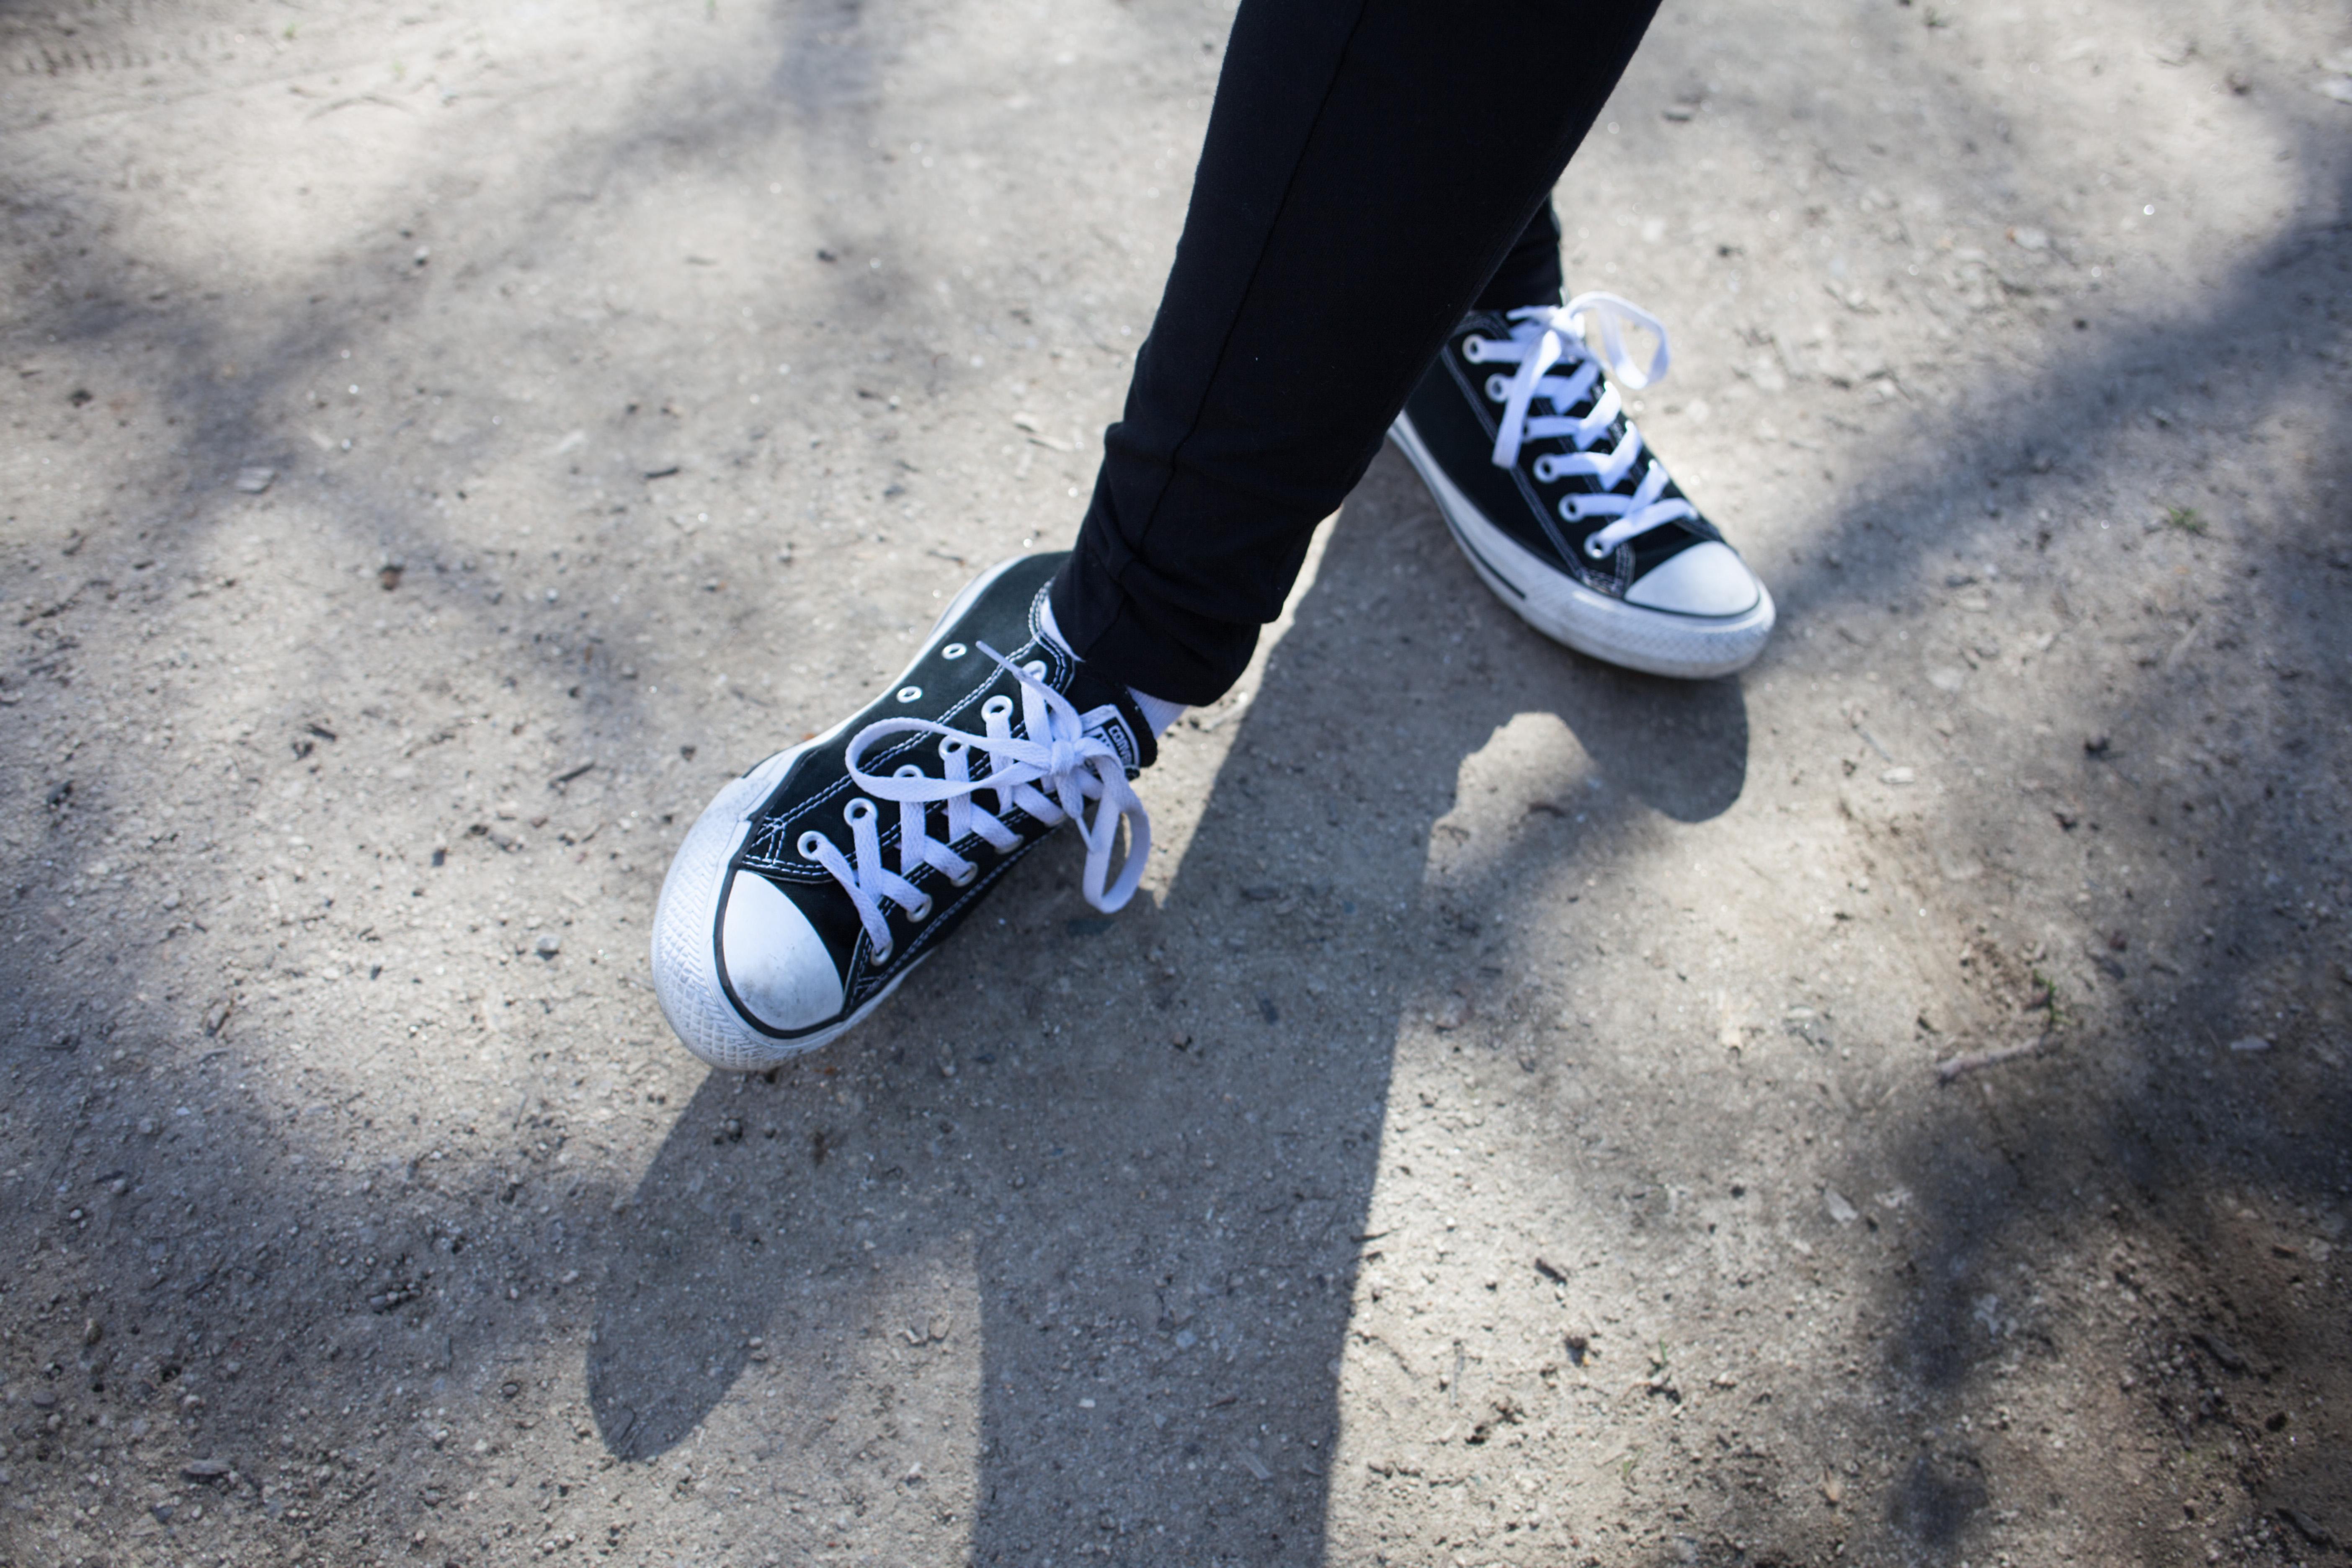 Free Images : shoe, white, feet, running, leg, sneaker